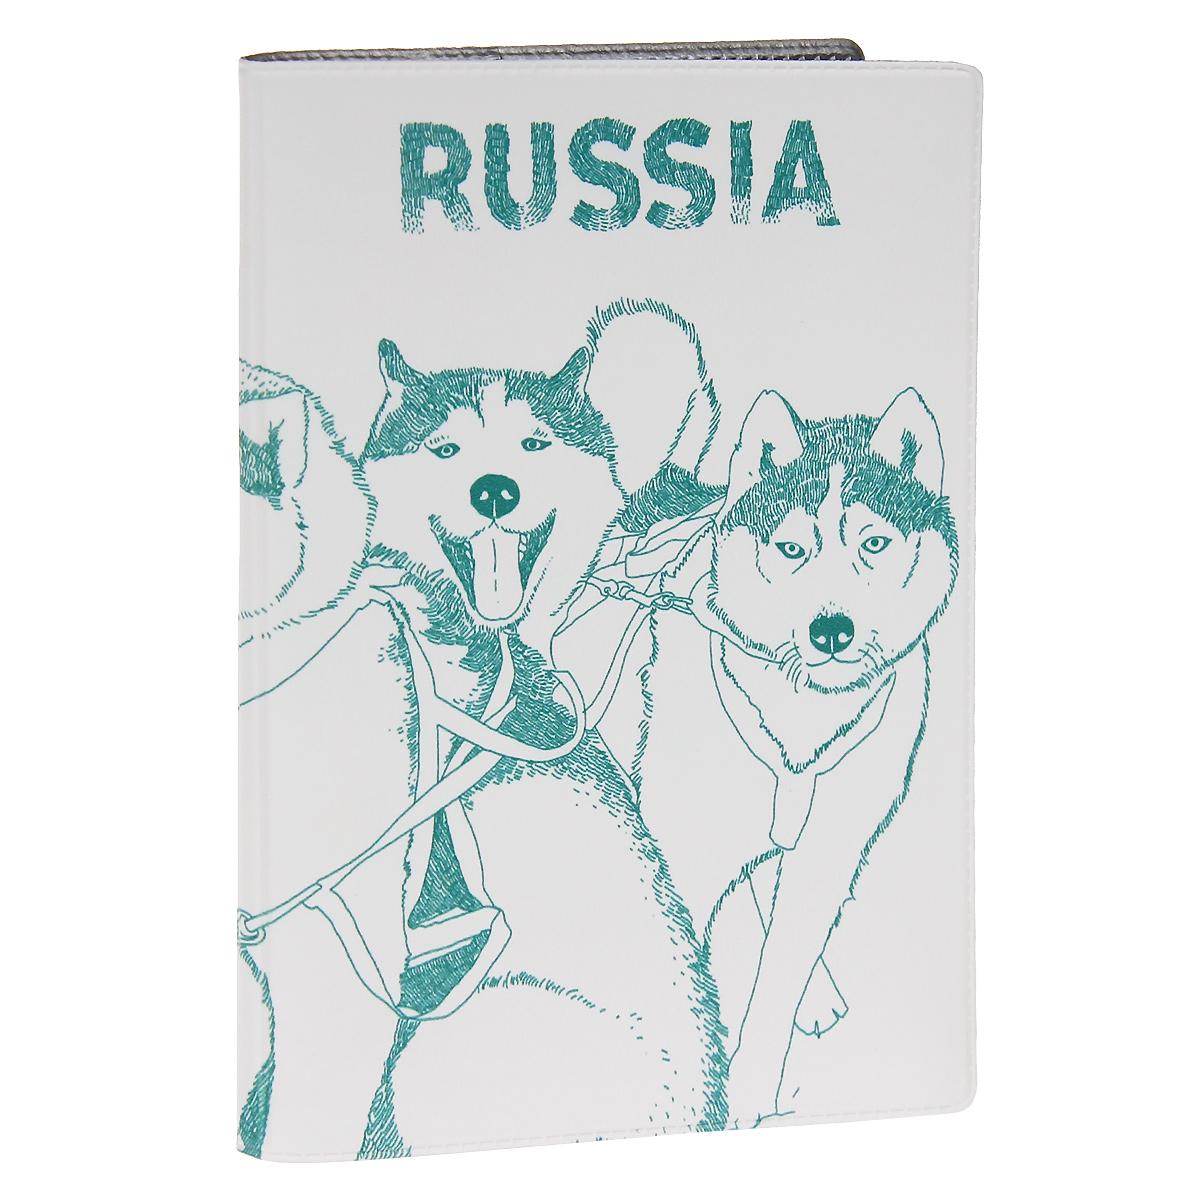 Обложка для паспорта Сибирские хаски. OZAM296OZAM296Обложка для паспорта Mitya Veselkov Хаски выполнена из прочного ПВХ и оформлена изображением нескольких собак породы хаски. Такая обложка не только поможет сохранить внешний вид ваших документов и защитит их от повреждений, но и станет стильным аксессуаром, идеально подходящим вашему образу.Яркая и оригинальная обложка подчеркнет вашу индивидуальность и изысканный вкус. Обложка для паспорта стильного дизайна может быть достойным и оригинальным подарком.